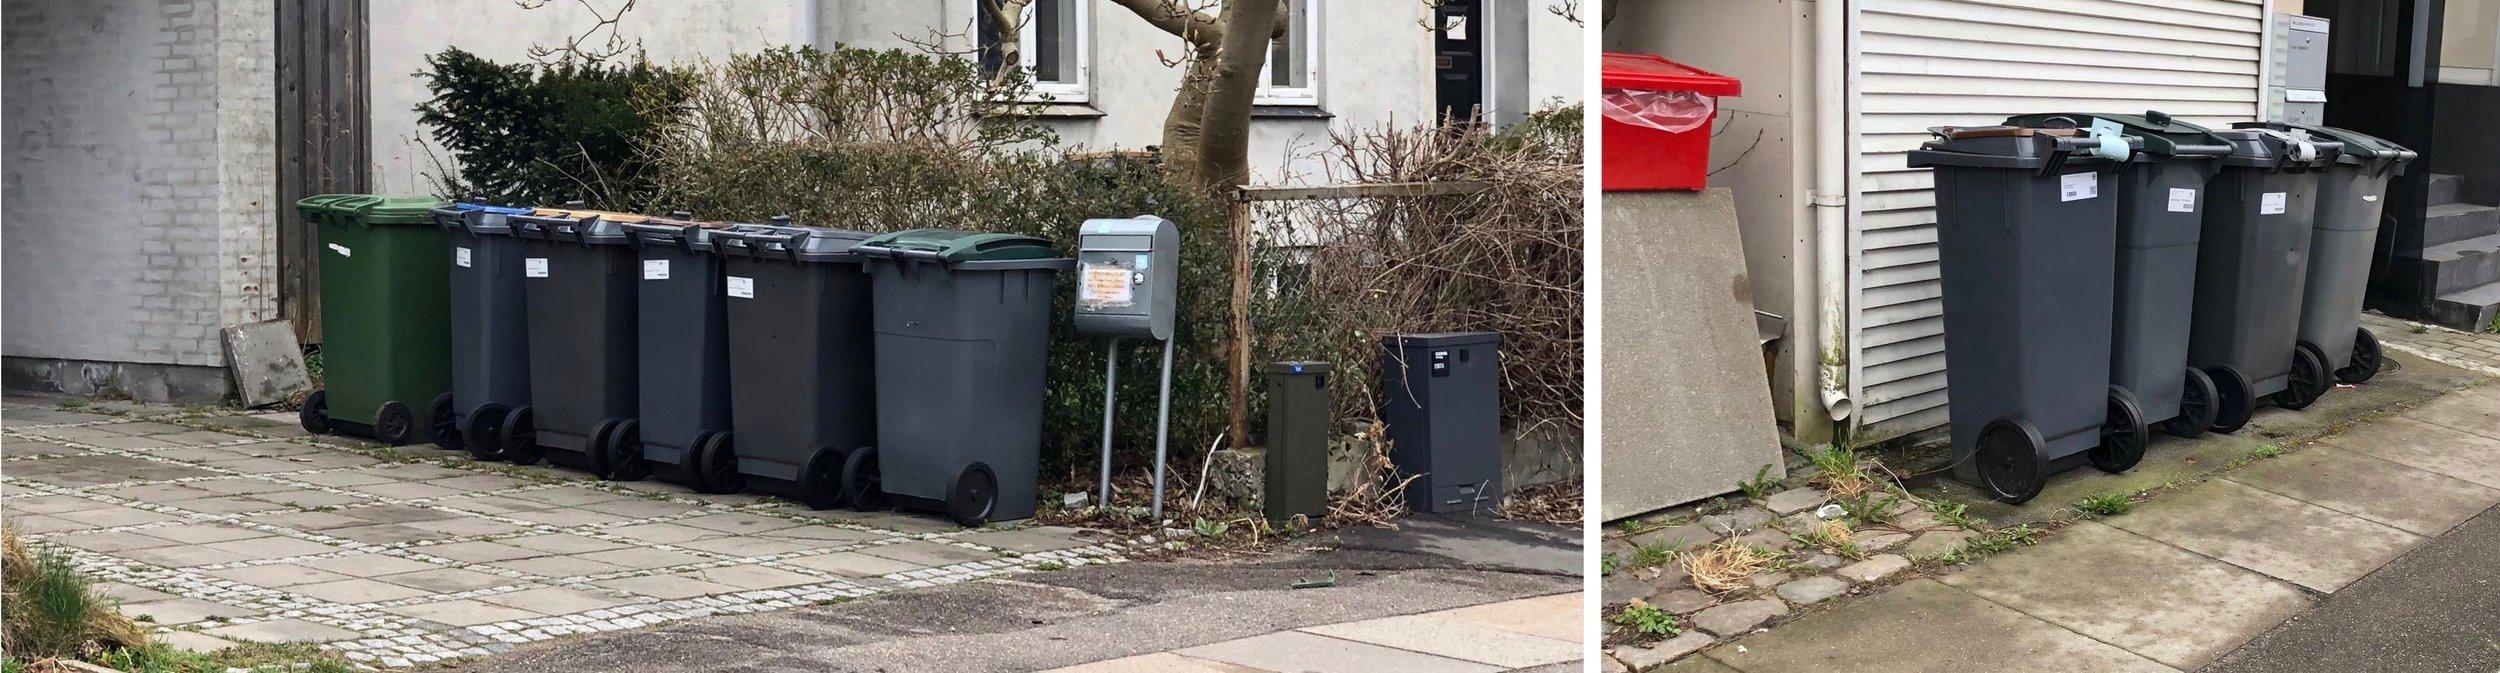 Her er eksempler på, hvor voldsomt gadebilledet kan blive. Mange steder har man simpelthen ikke mulighed for at gemme affaldsbeholderne væk, og nogle steder står alle beholderne fremme ved fortovskanten. Er det særlig kønt og en superløsning?Foto: AOB